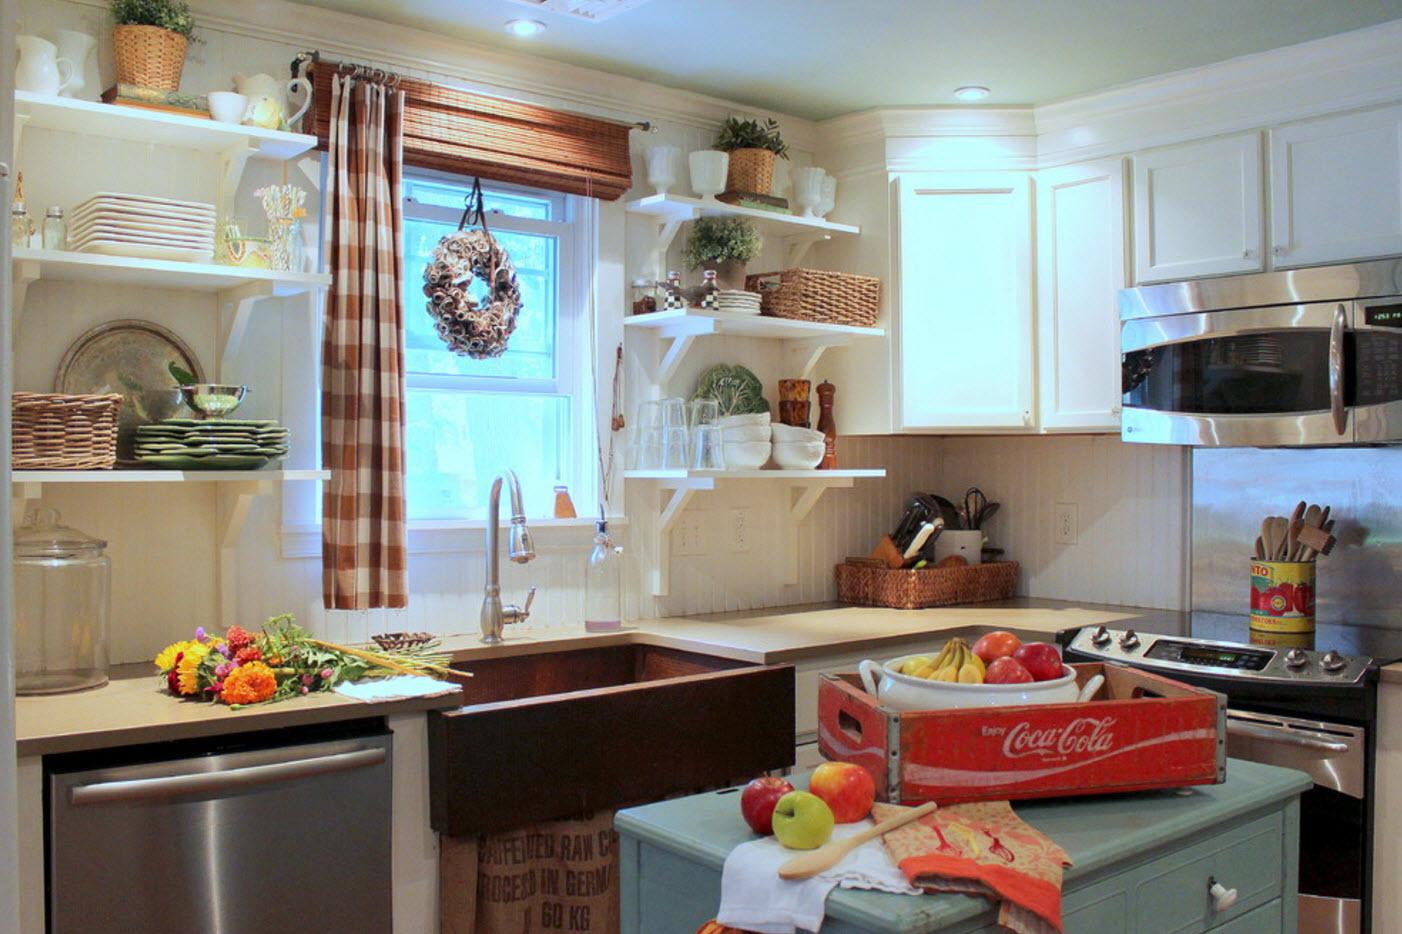 Идеи для кухонных штор: виды, материалы, советы по выбору